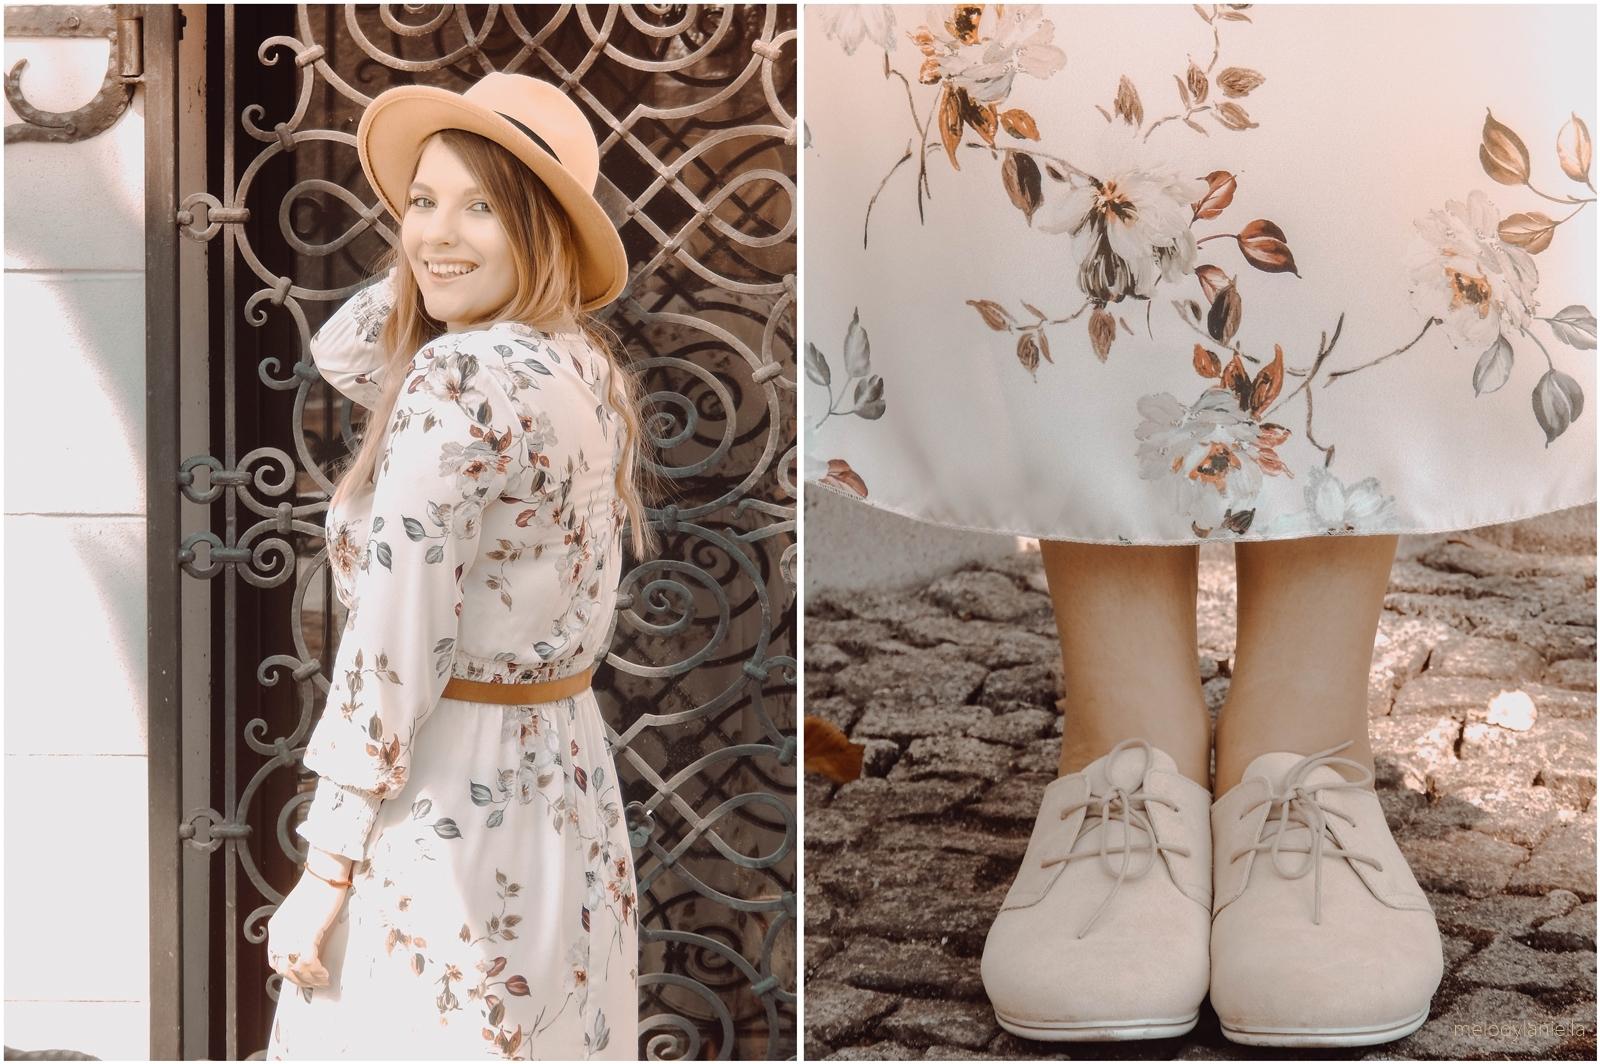 8a pudrowo różowe sznurowane buty tamaris karmelowy kapelusz sukienka boho wesele imprezy lato wiosna